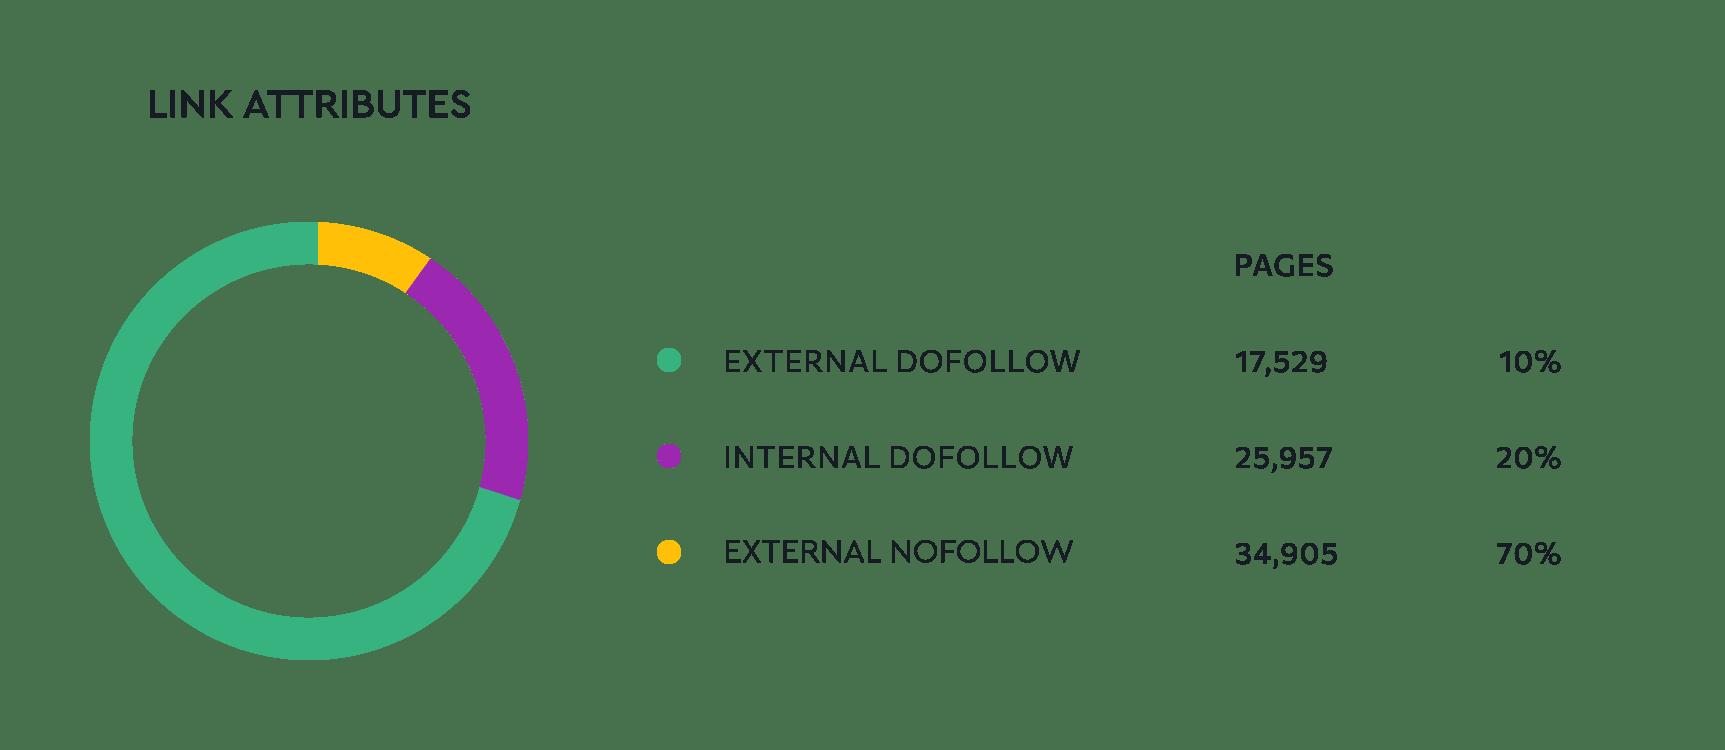 リンク属性分布